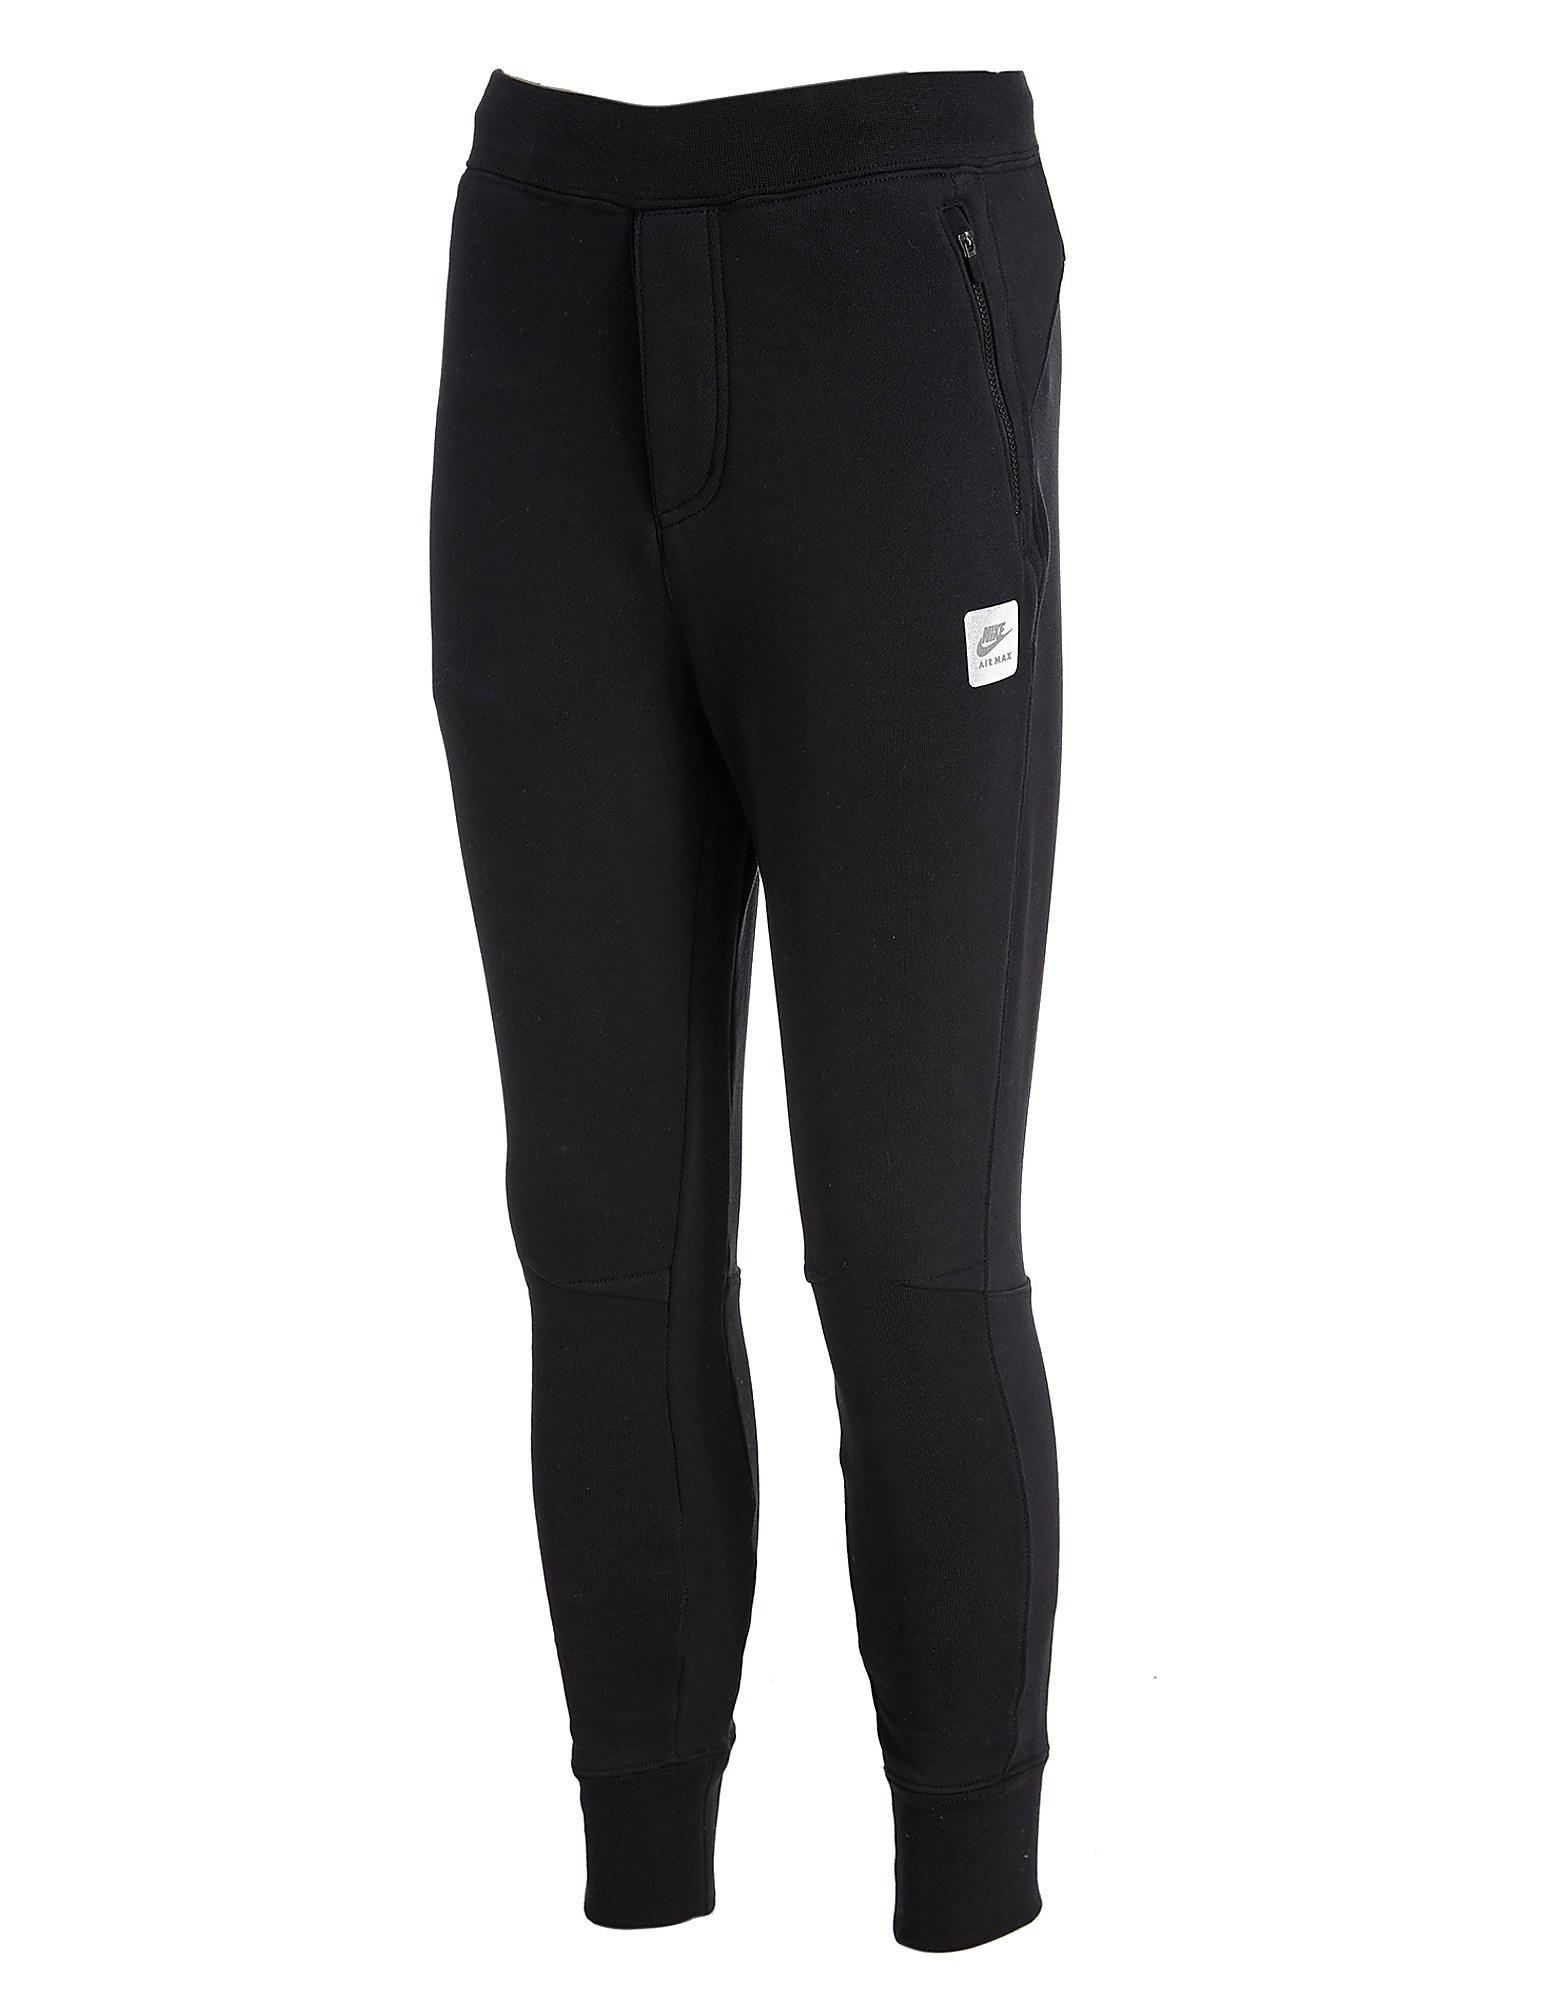 Nike Air Max FT Pants Junior